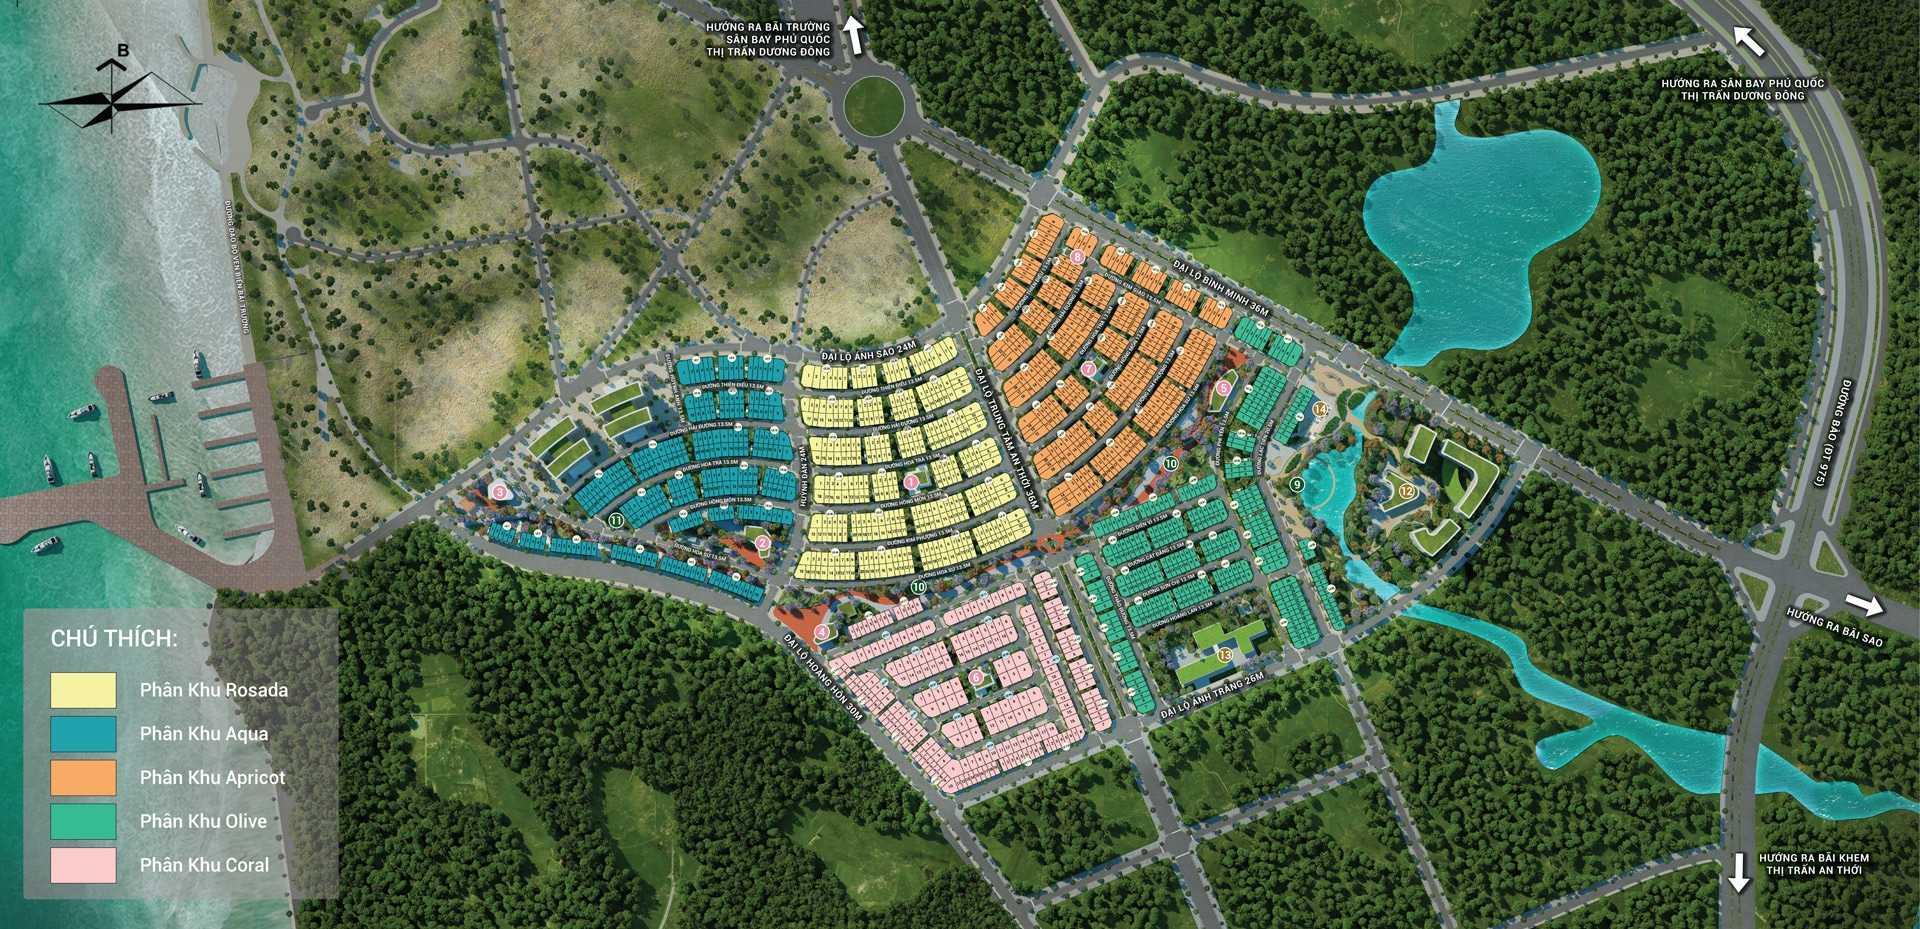 Mặt bằng tiện ích dự án MeyHomes Capital Phú Quốc